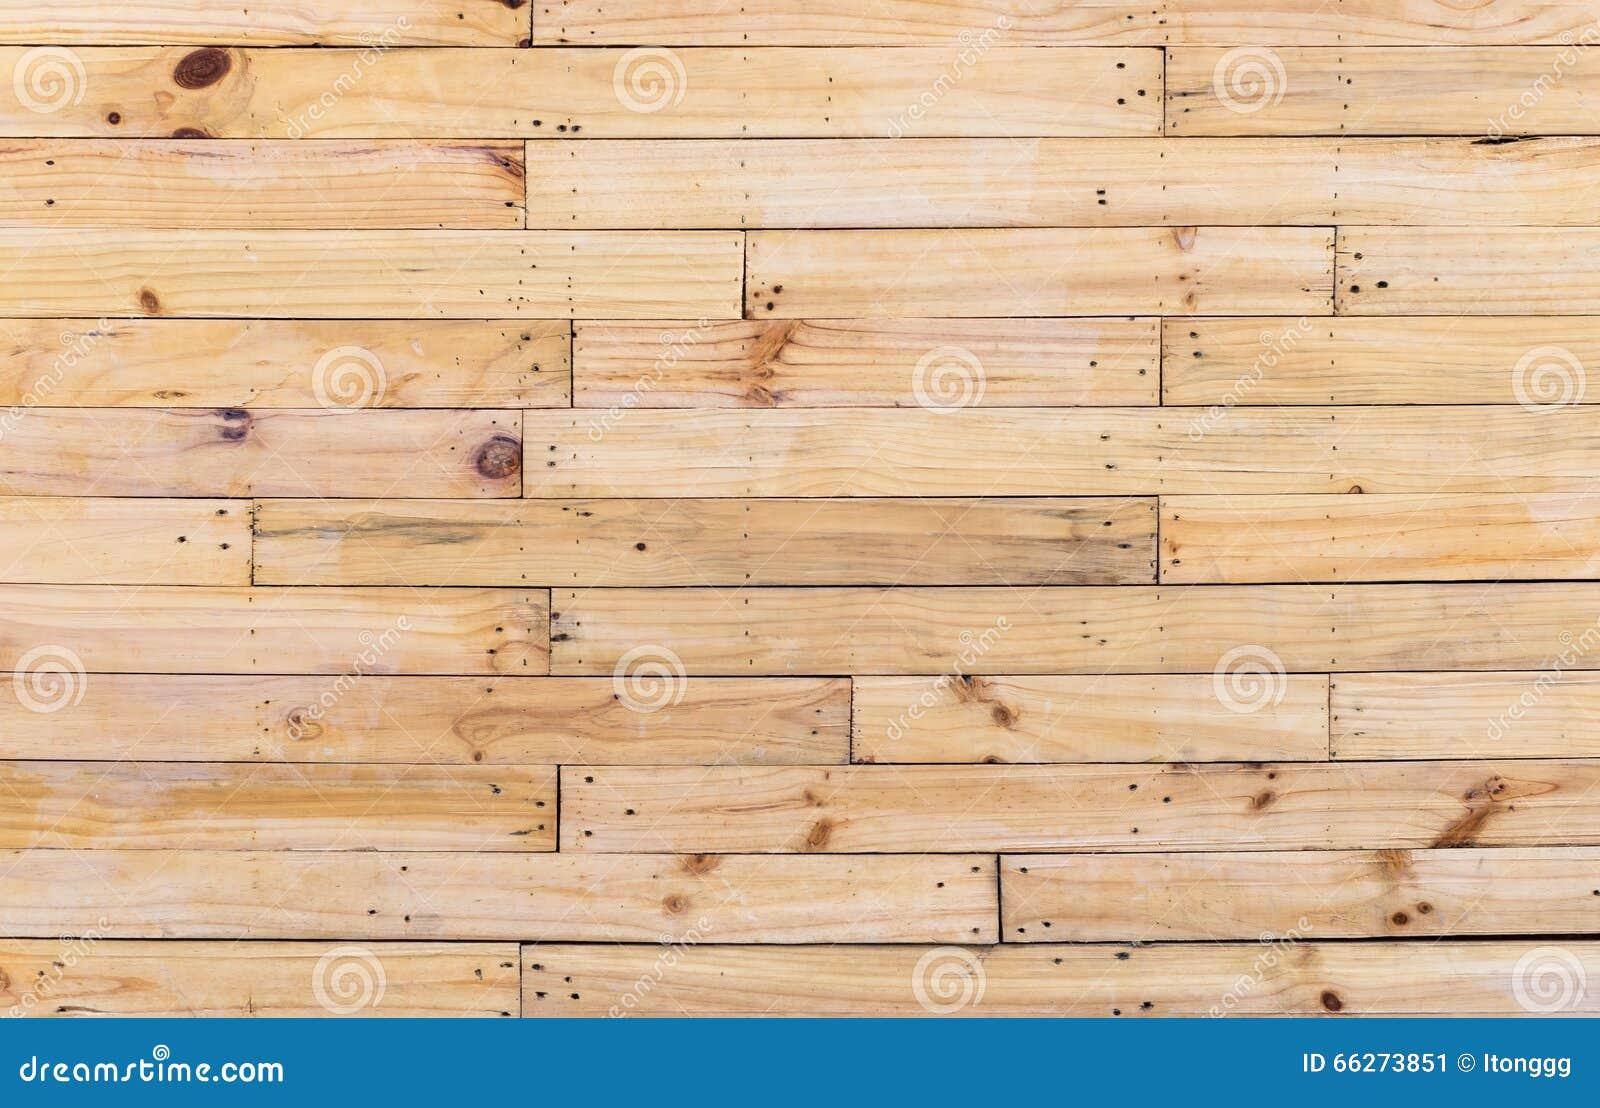 horizontal wood background - photo #37